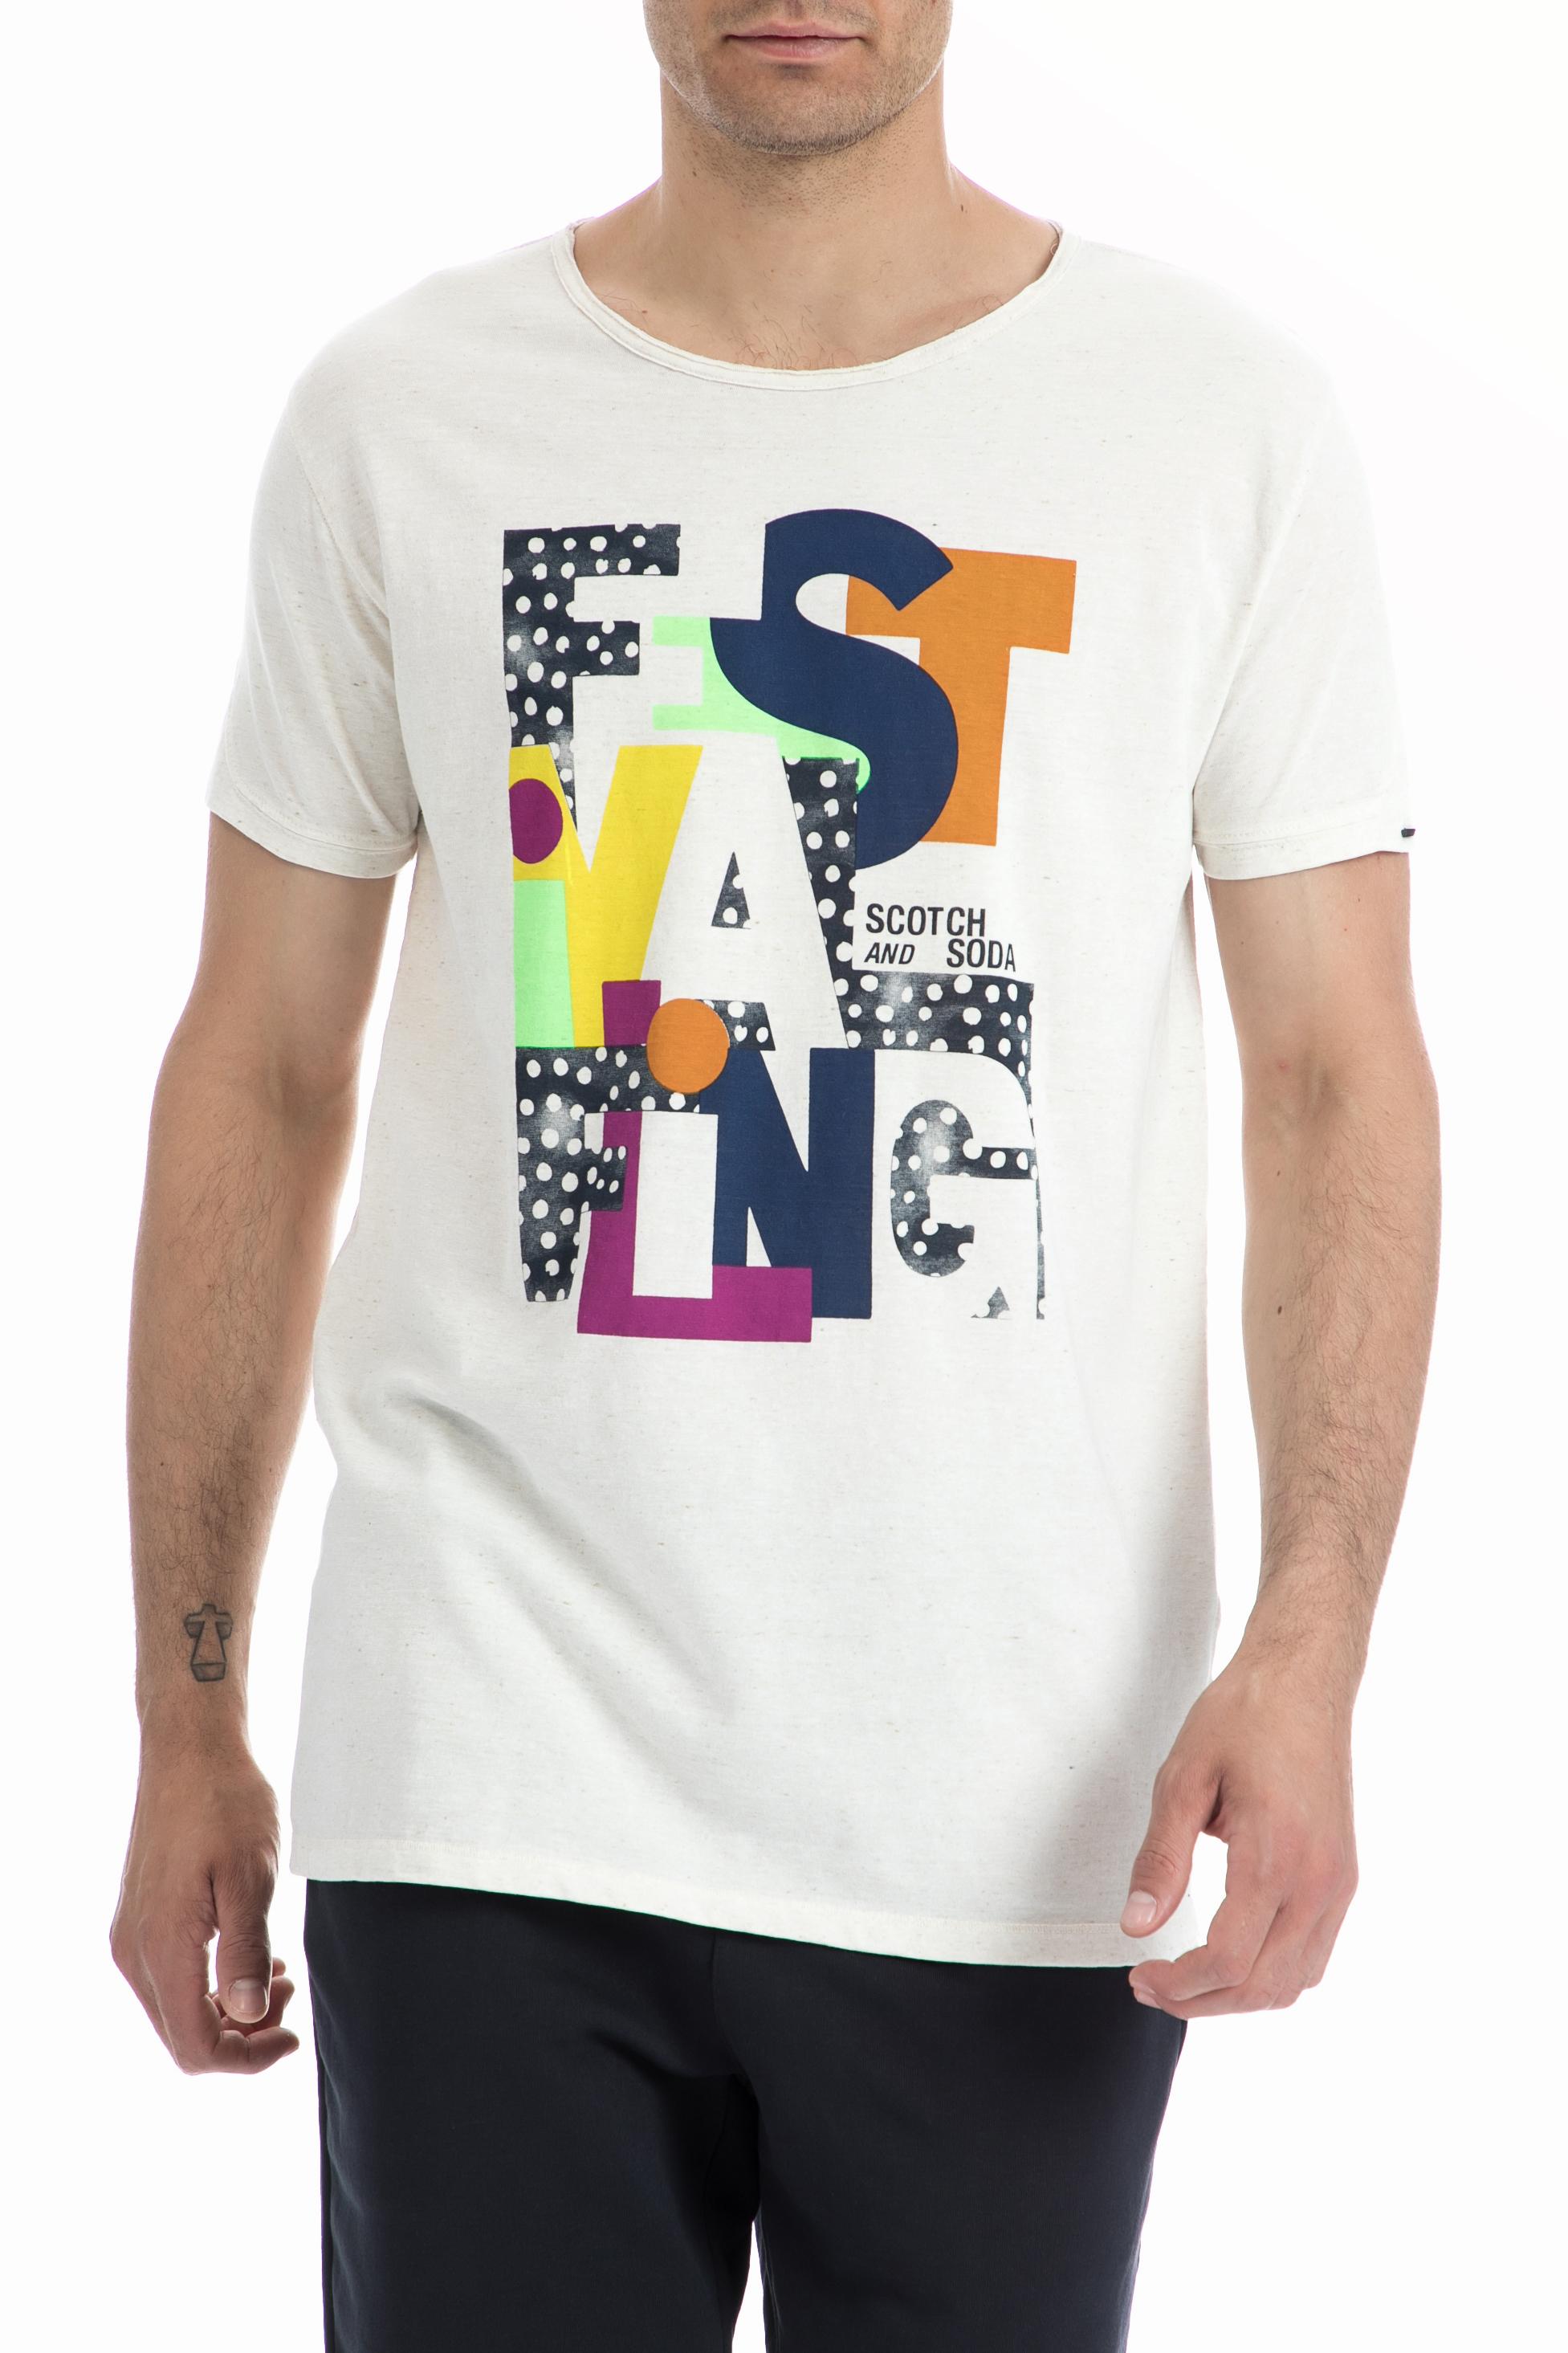 SCOTCH & SODA - Ανδρική μπλούζα SCOTCH & SODA λευκή